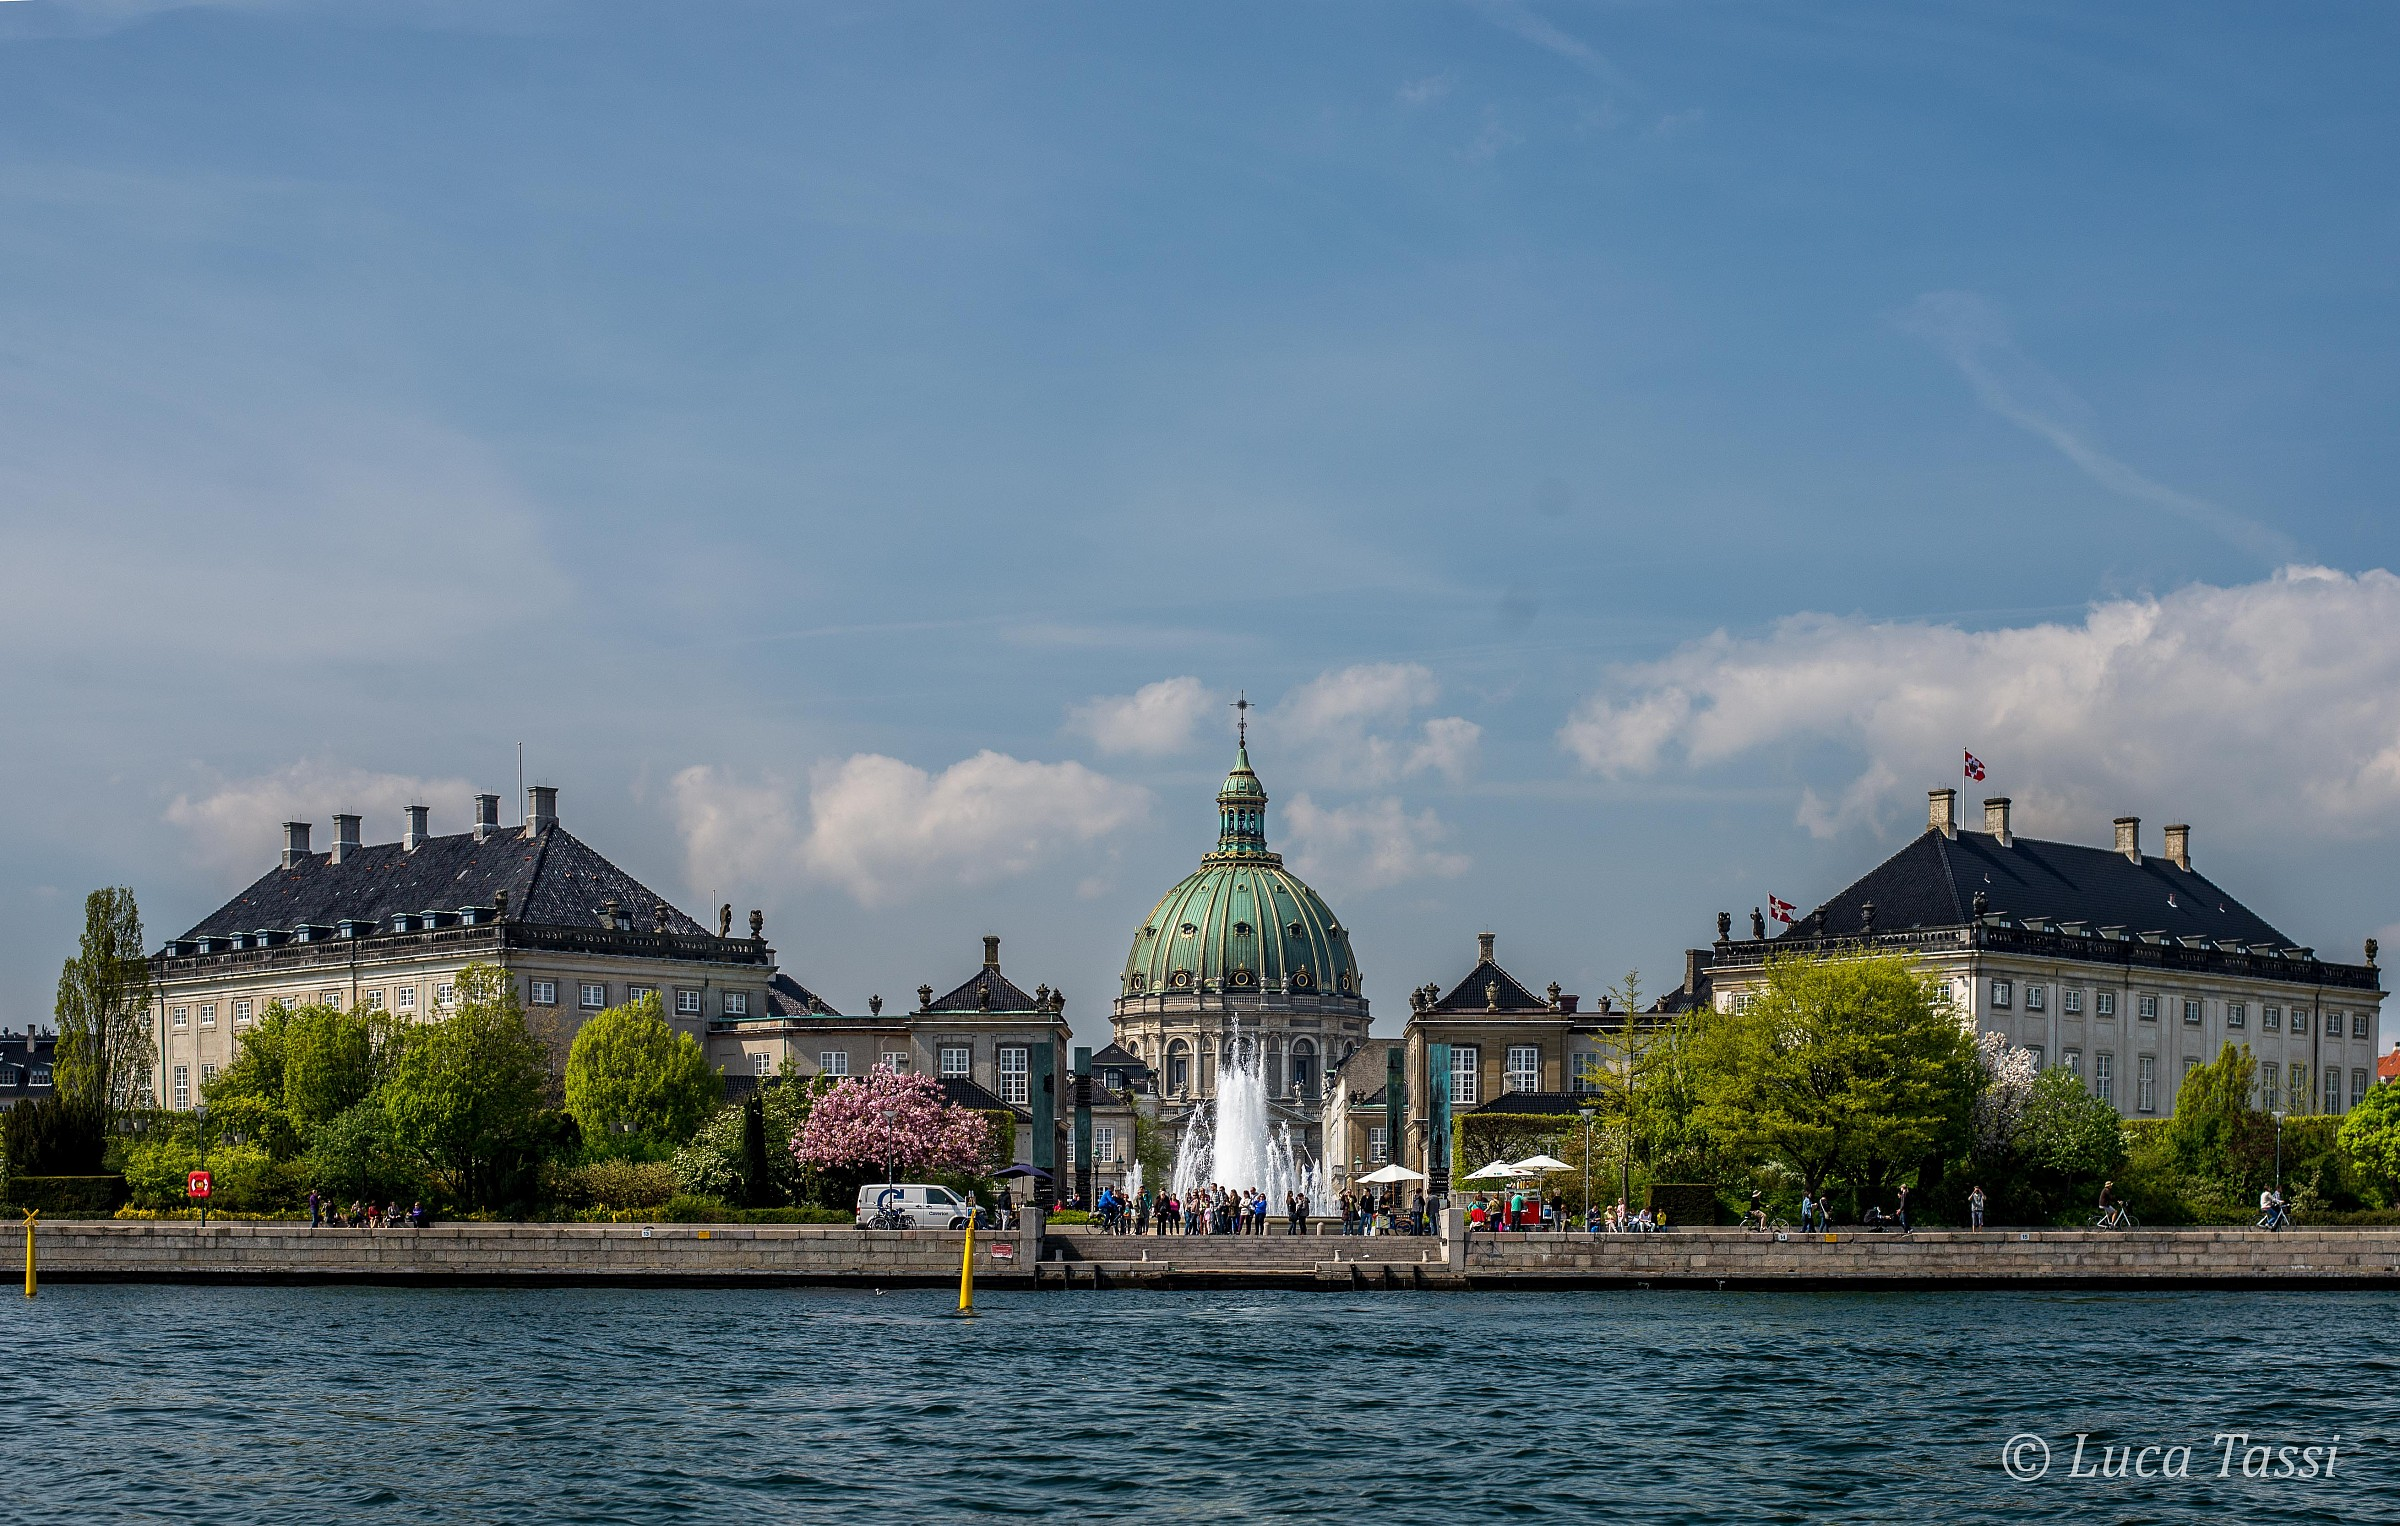 Royal Castle Amalienborg...